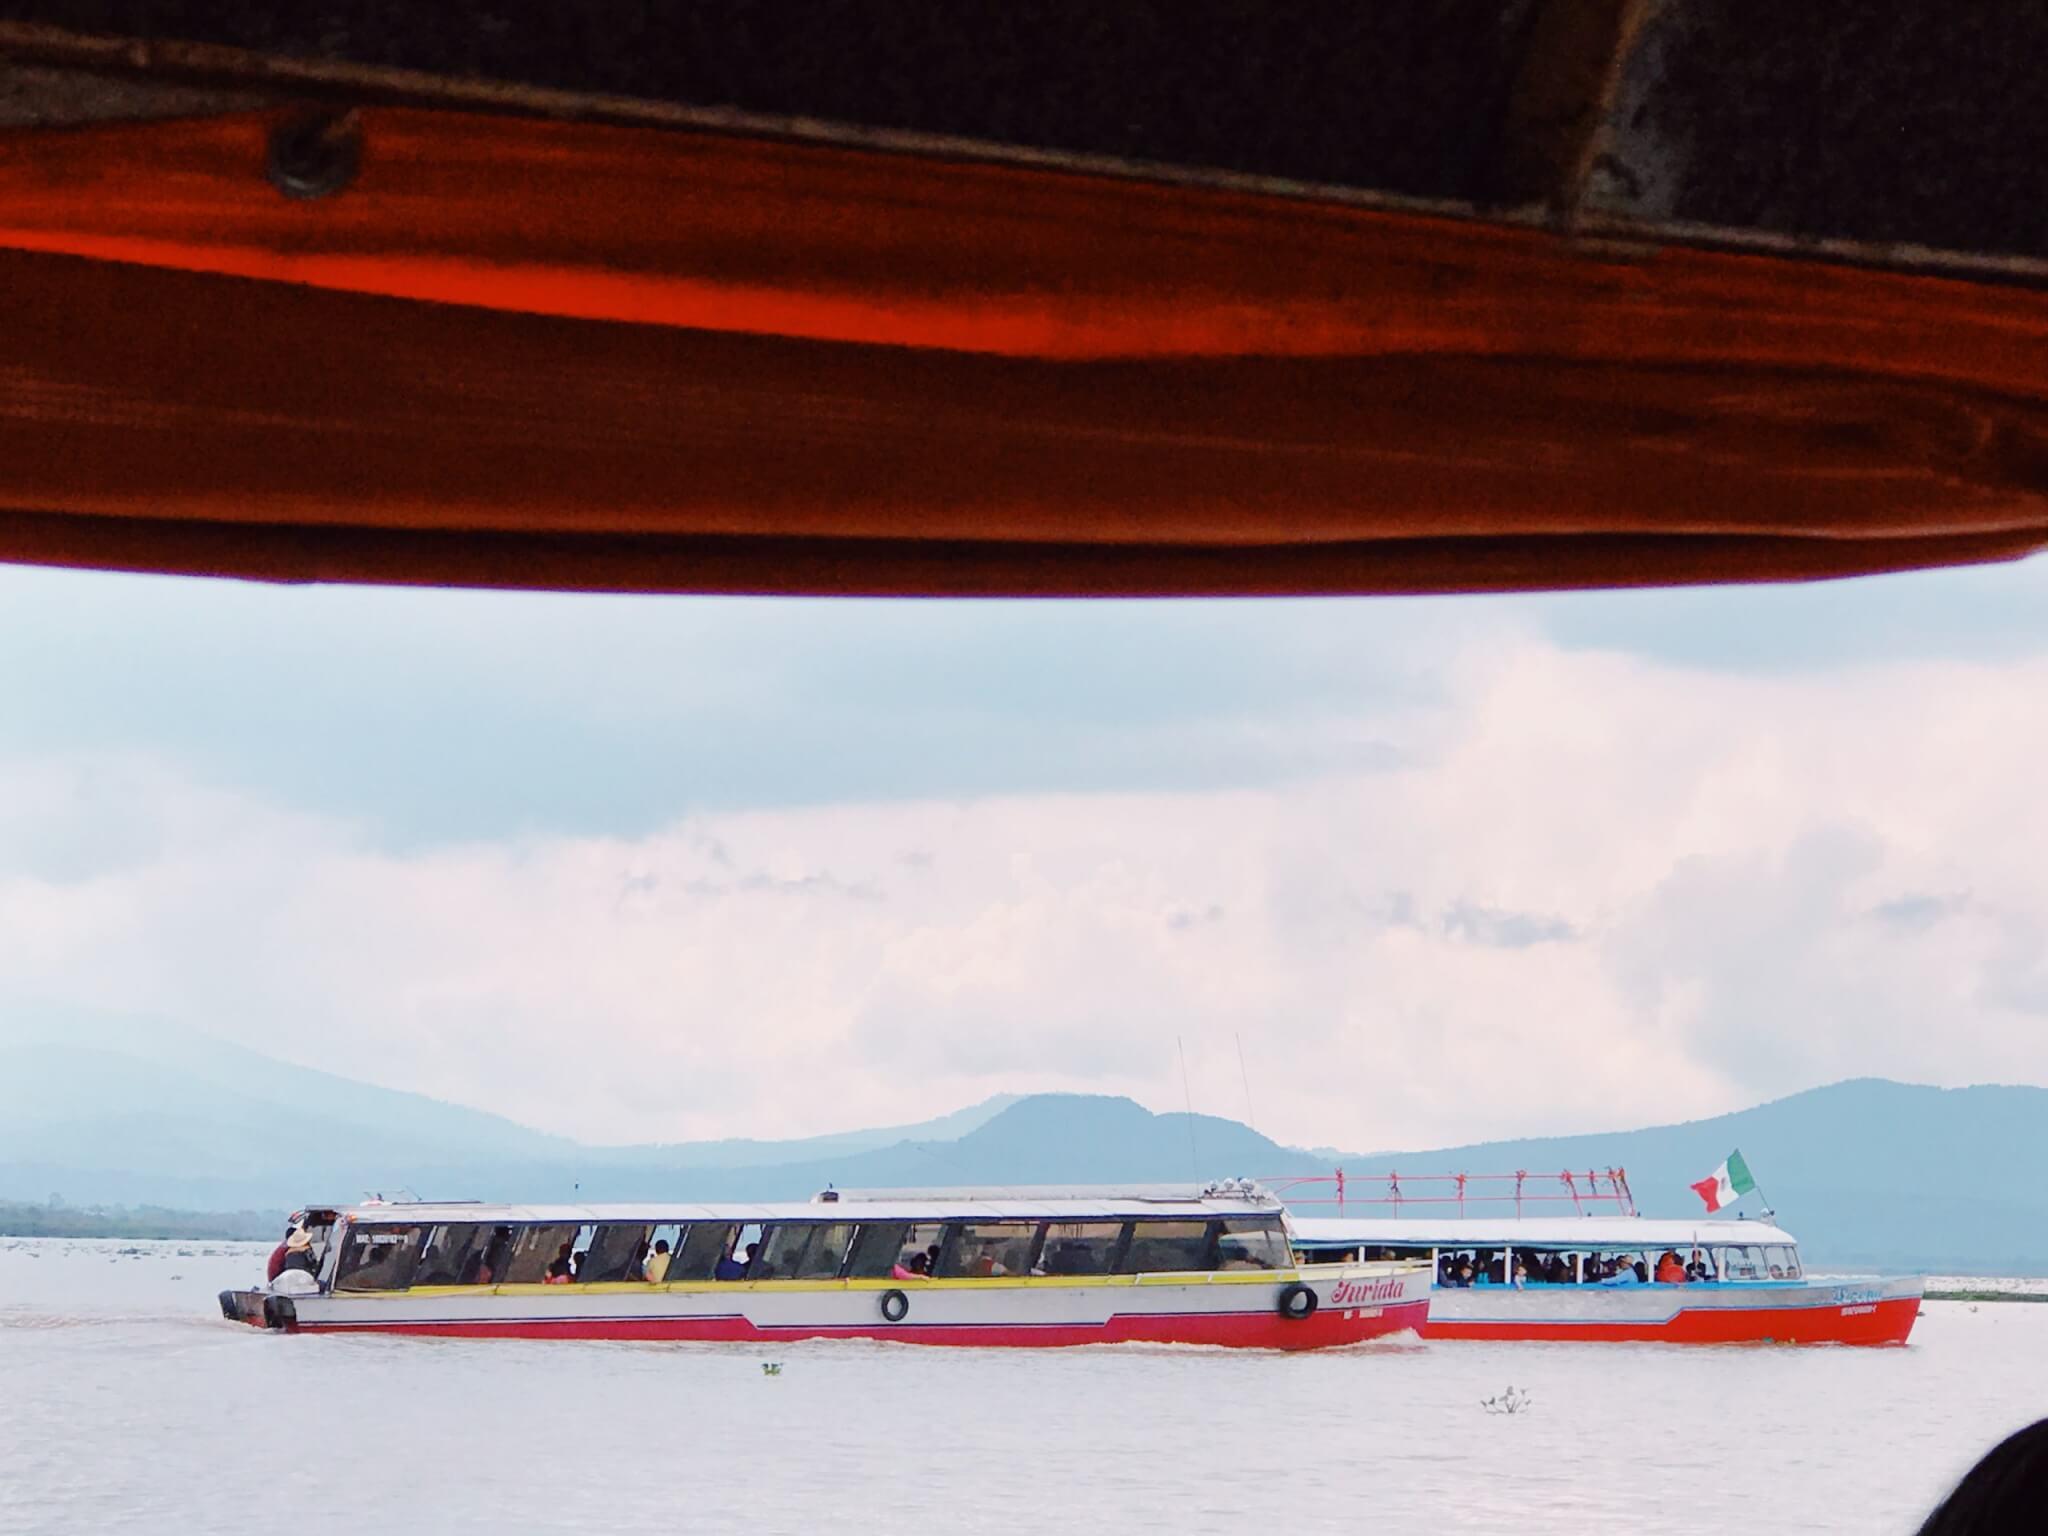 Boats on Pátzcuaro Lake in Michoacán Mexico